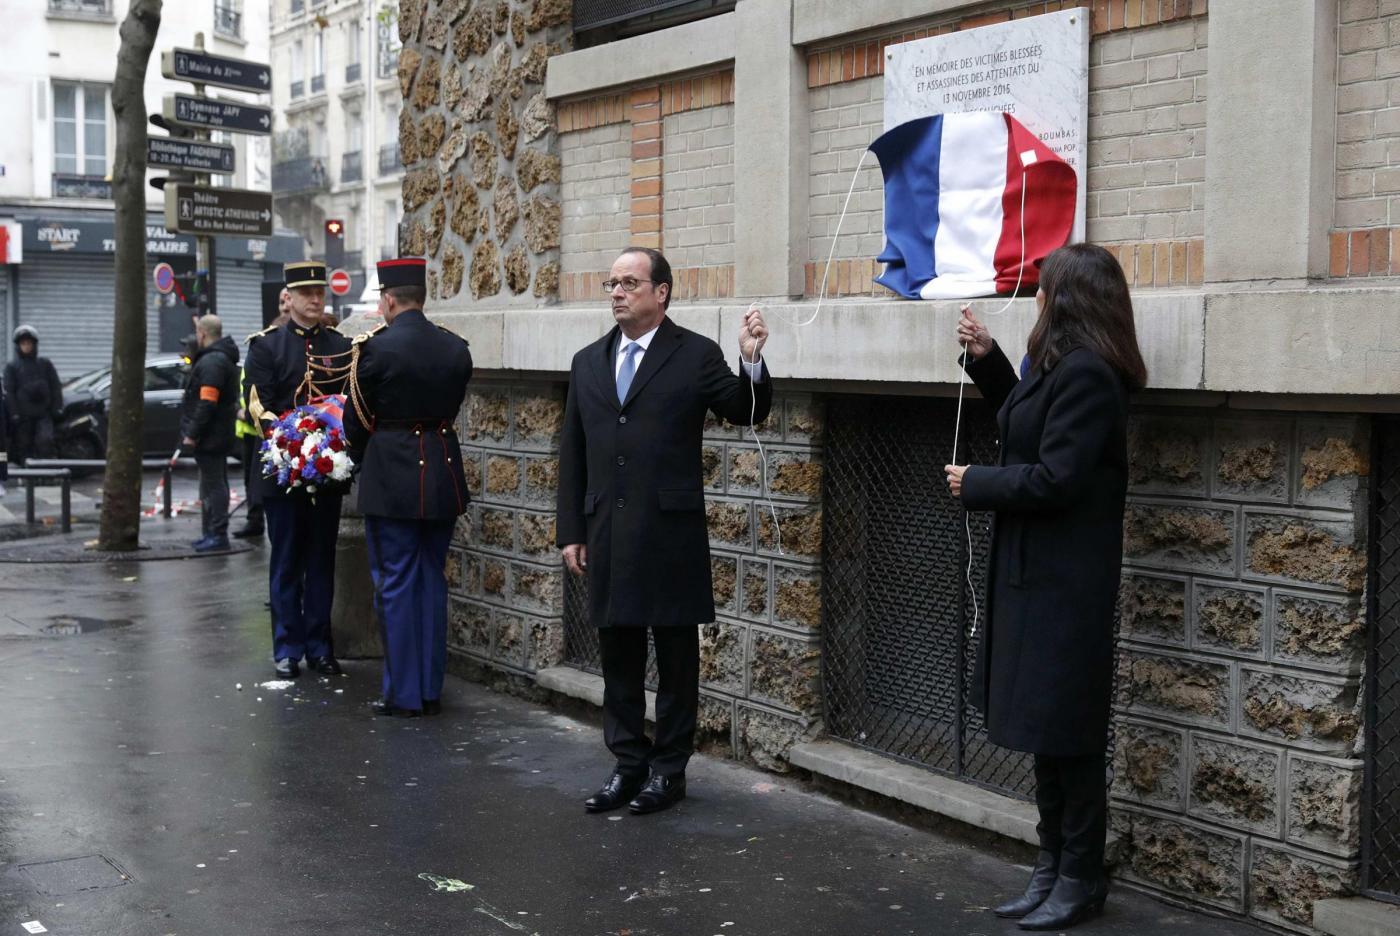 Parigi un anno dopo: la Francia si ferma per ricordare le stragi terroristiche